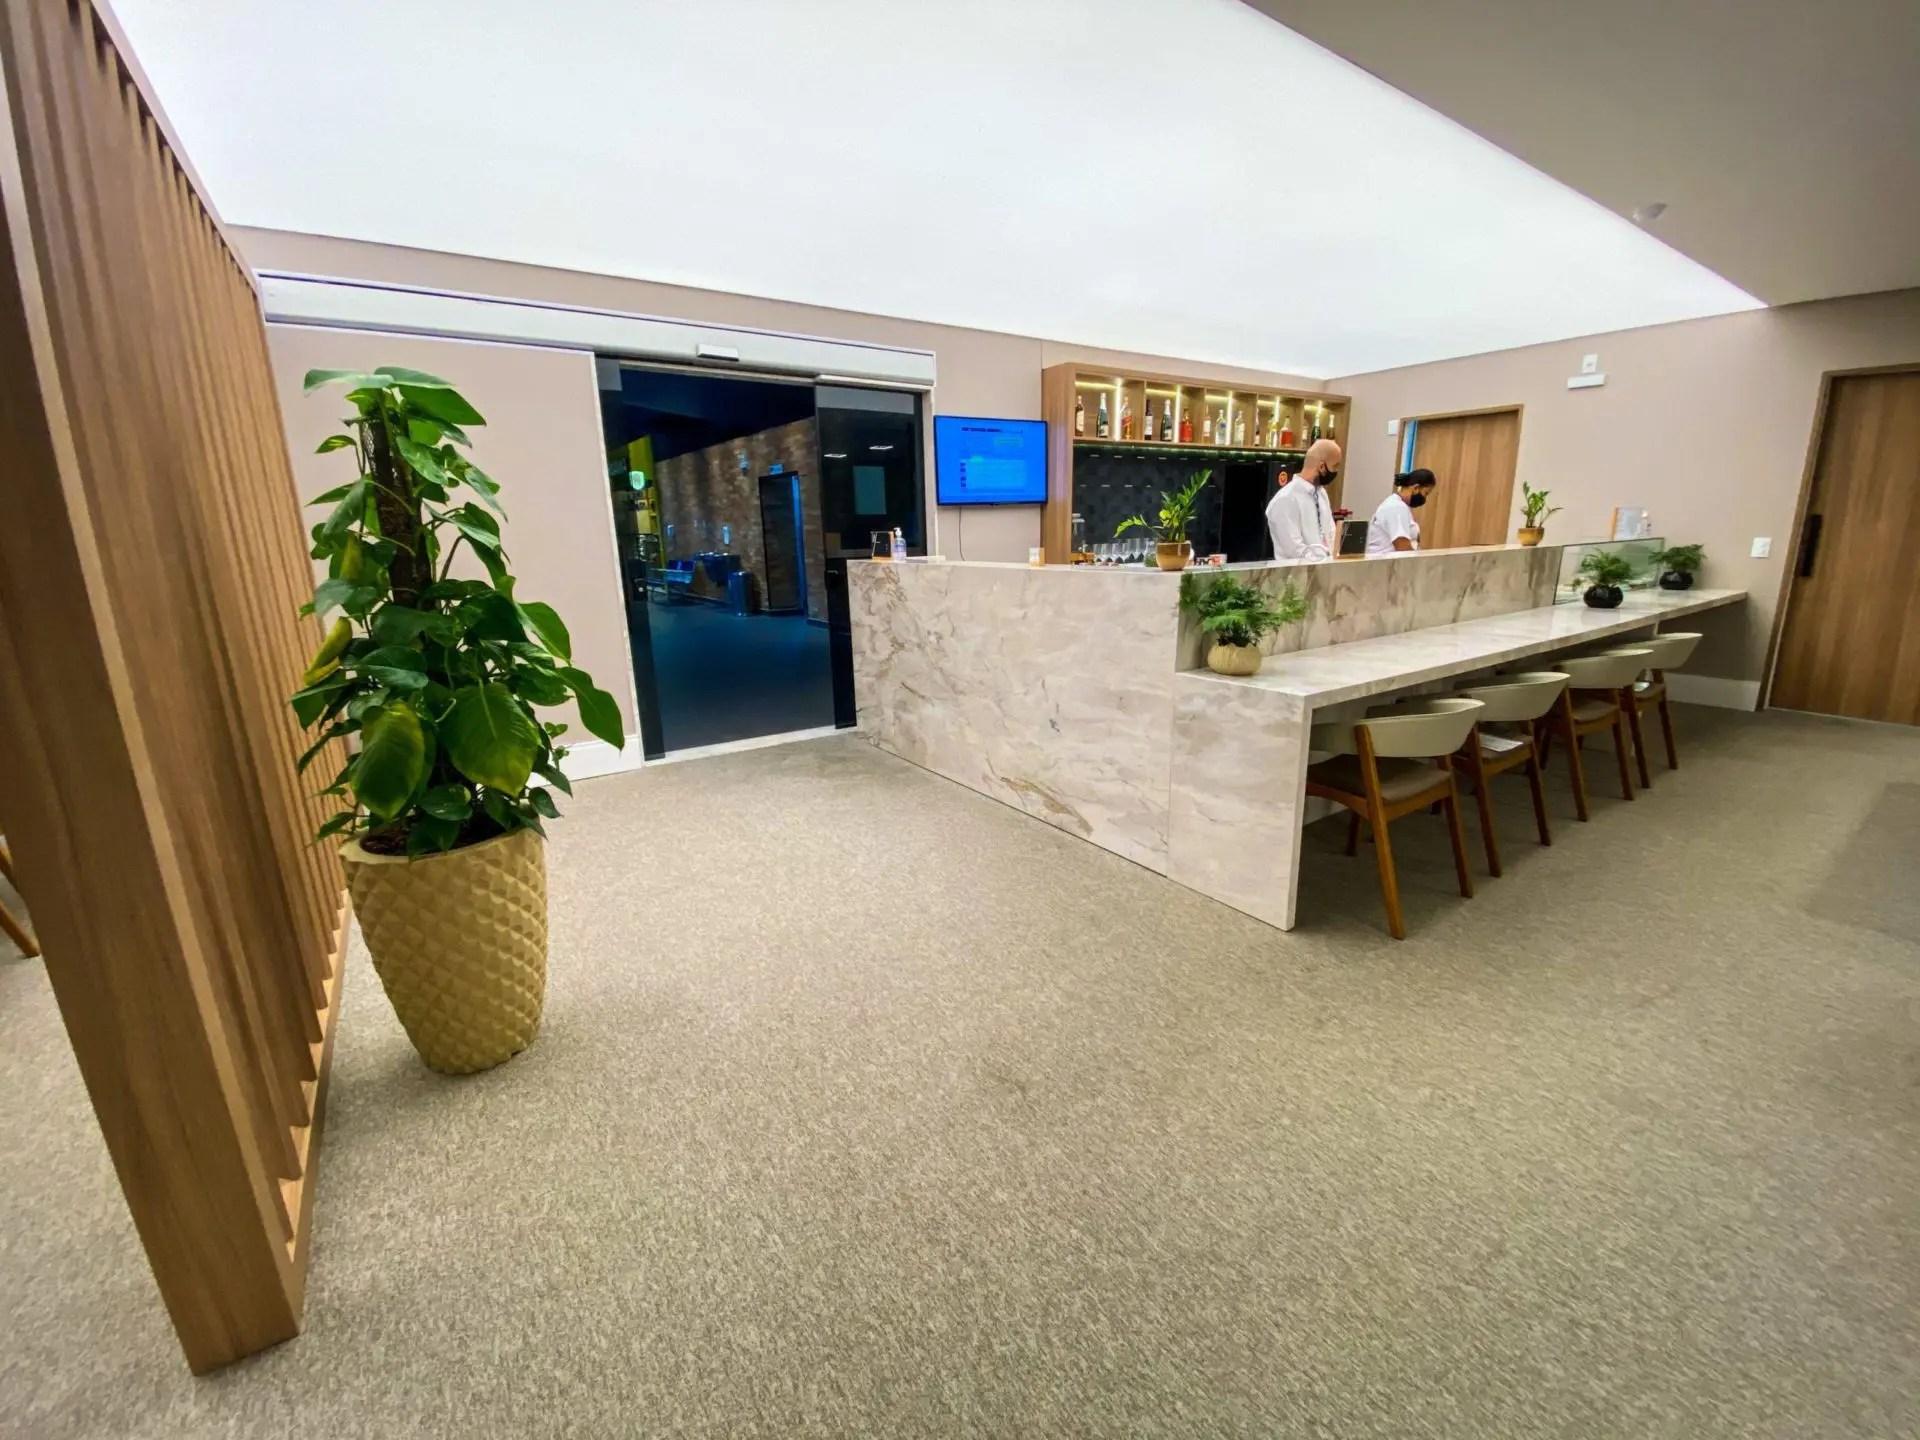 W Lounge Aeroporto Navegantes